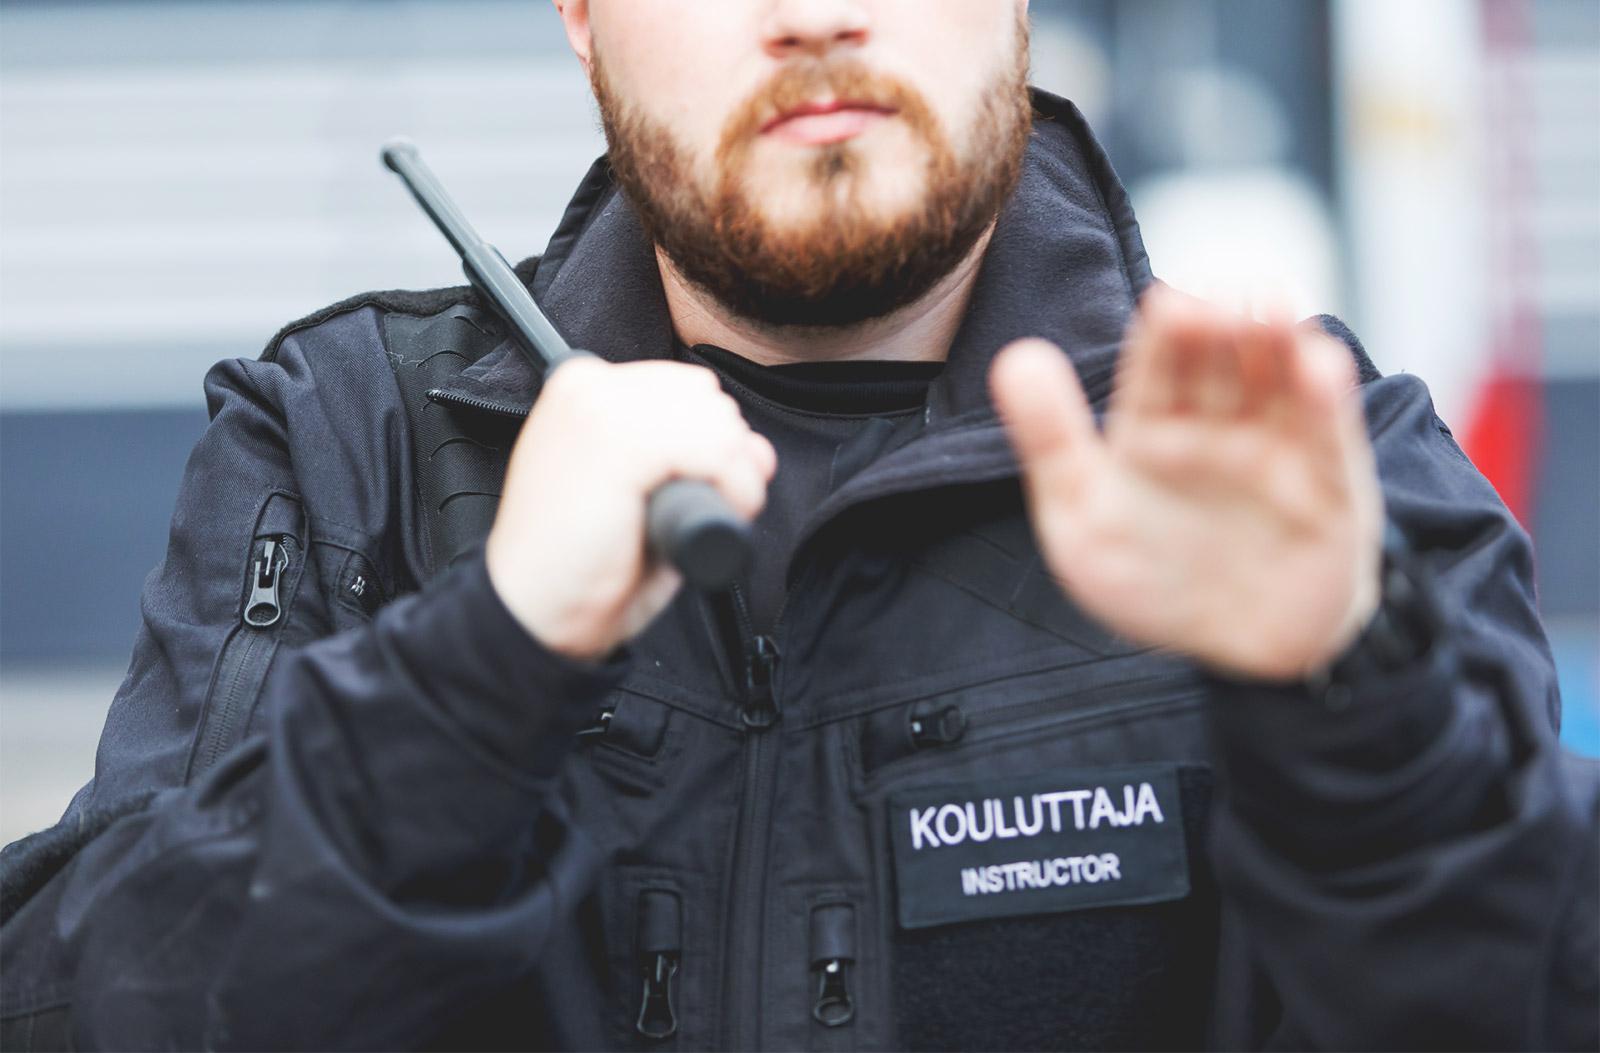 Vartijan ja järjestyksenvalvojan voimankäyttövälineiden kertauskoulutus by Turvallisuuskoulutukset.fi